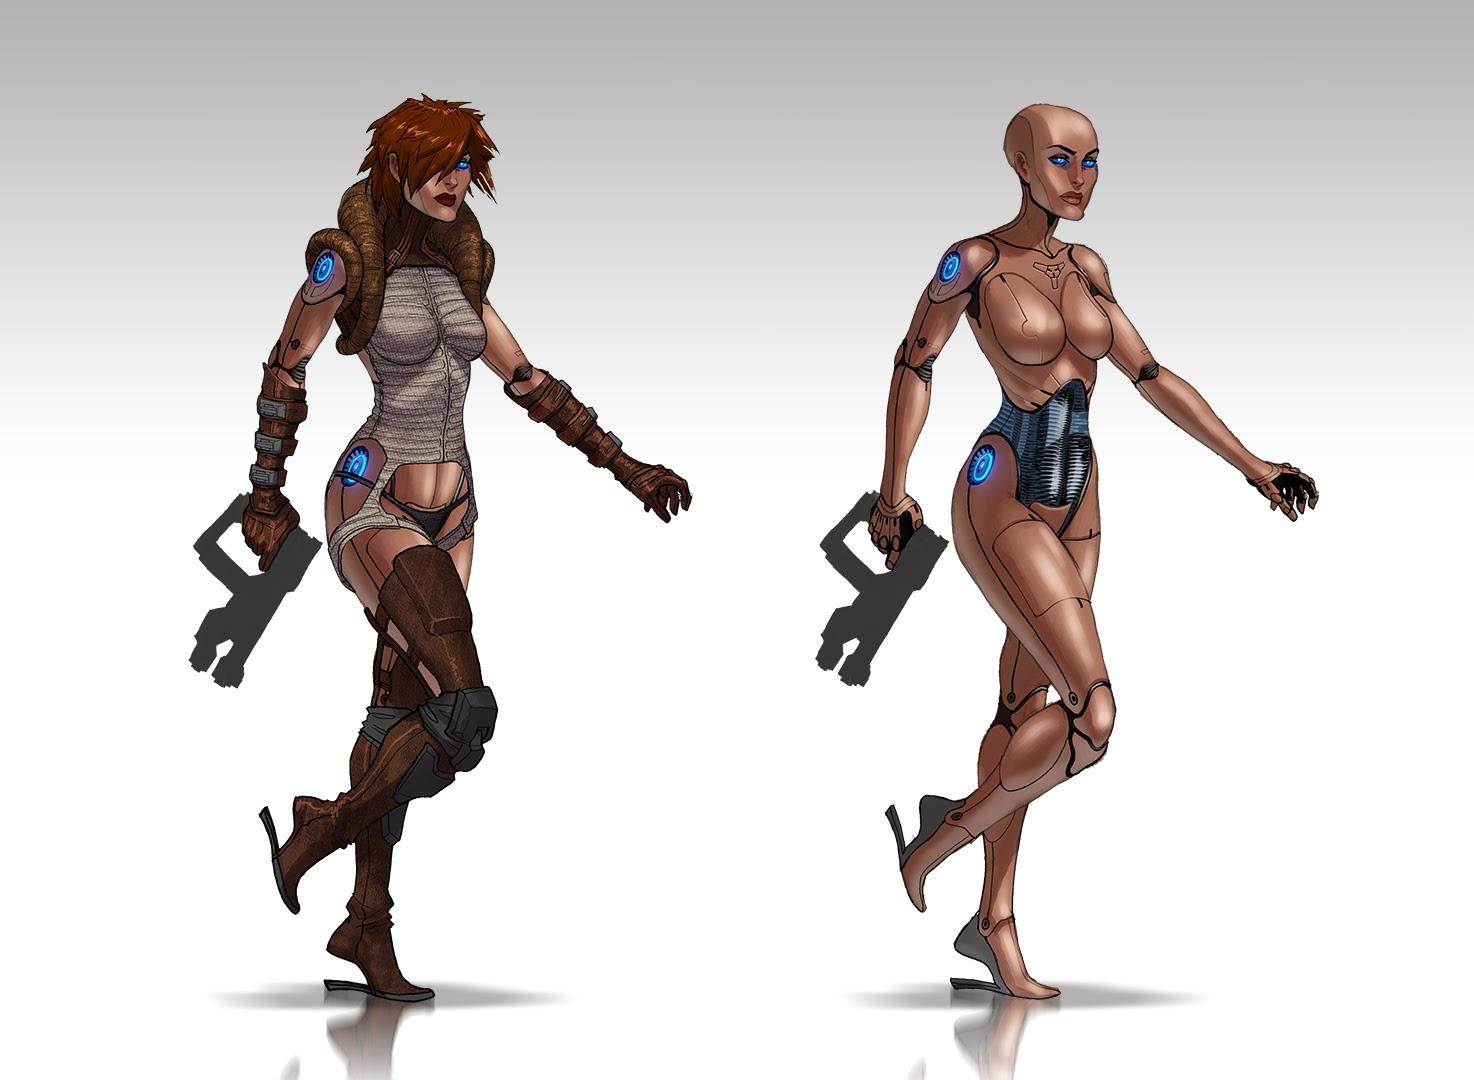 Takhle mohl původně vypadat Mass Effect a Dragon Age 85127